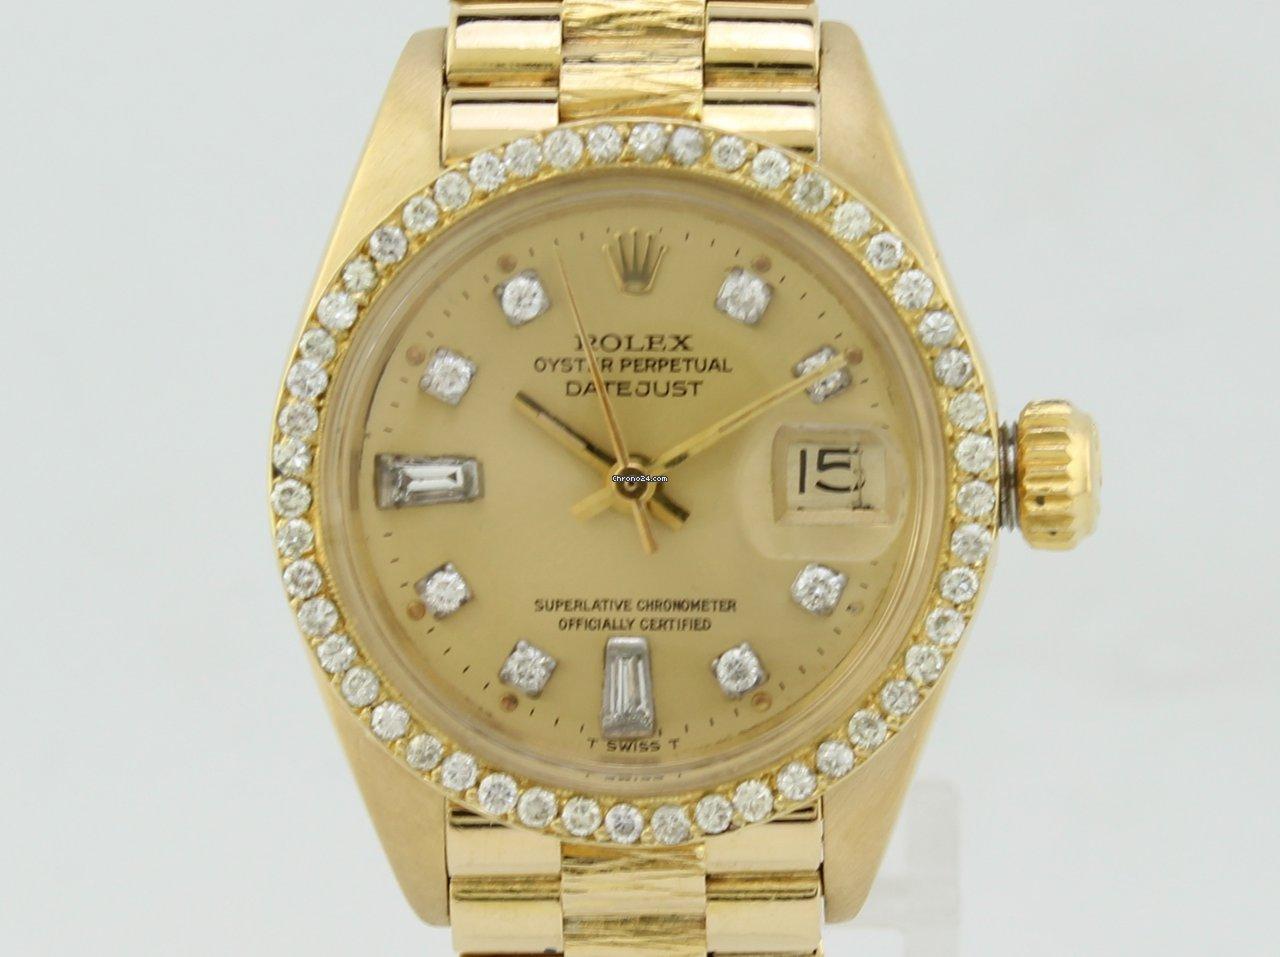 91907beda7e Relojes con diamantes al mejor precio en Chrono24